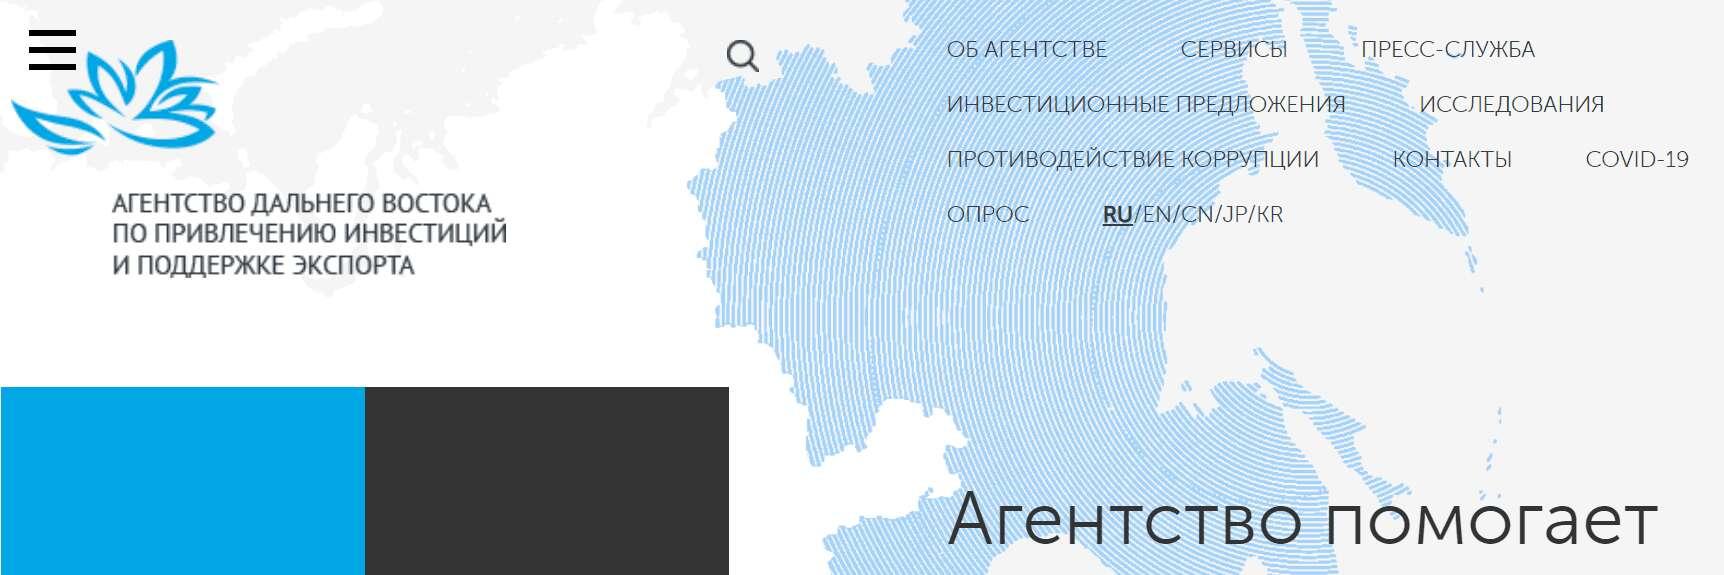 Официальный сайт «Агентства по привлечению инвестиций и поддержке экспорта»